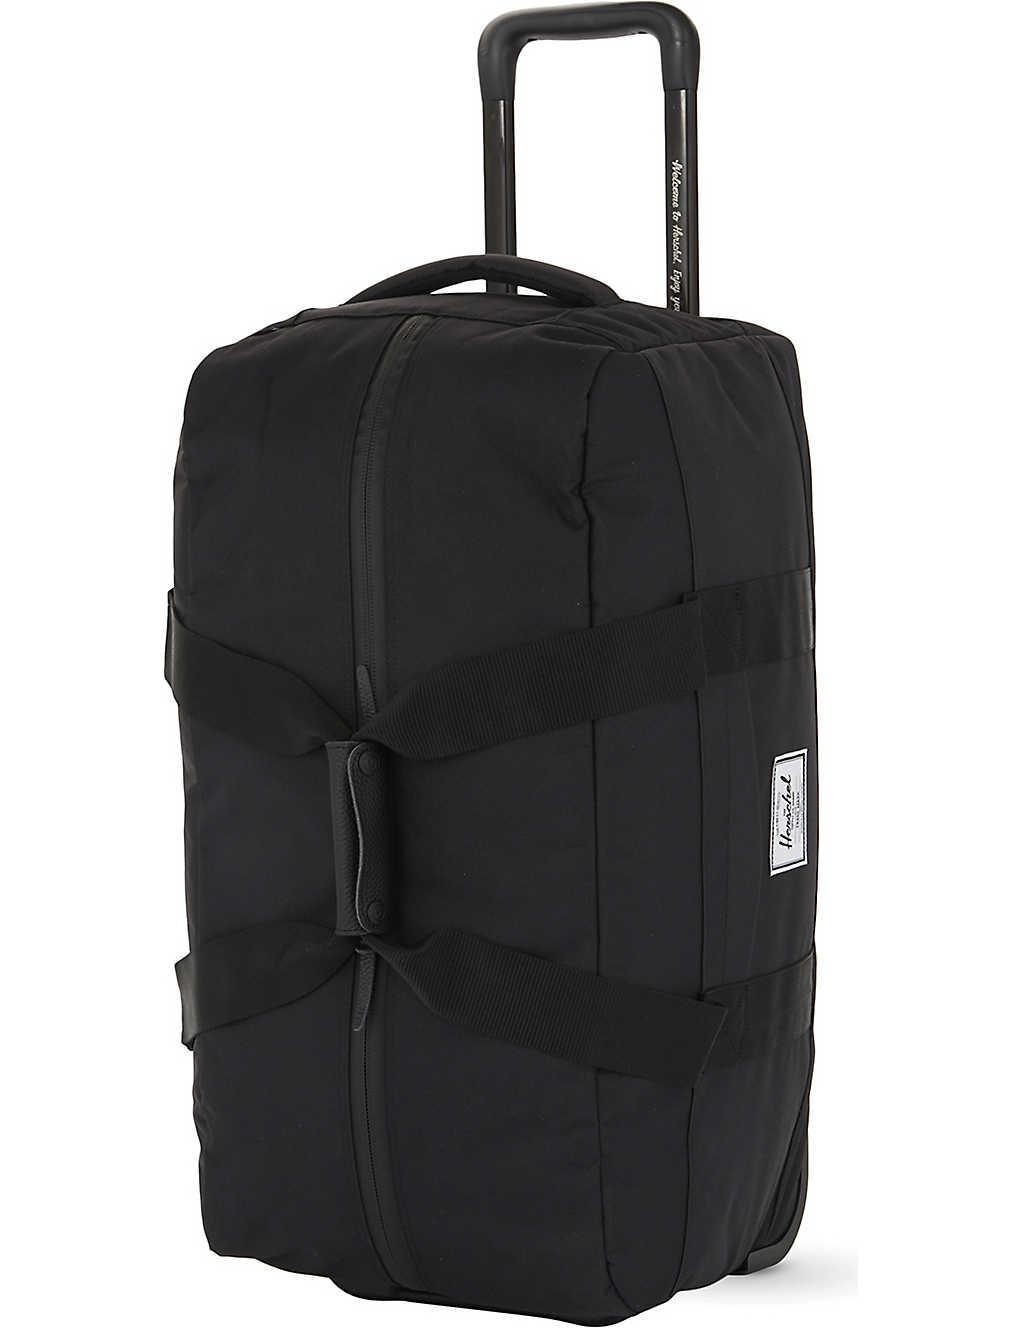 fbeca2642b23 HERSCHEL SUPPLY CO - Wheelie Outfitter travel duffle bag ...